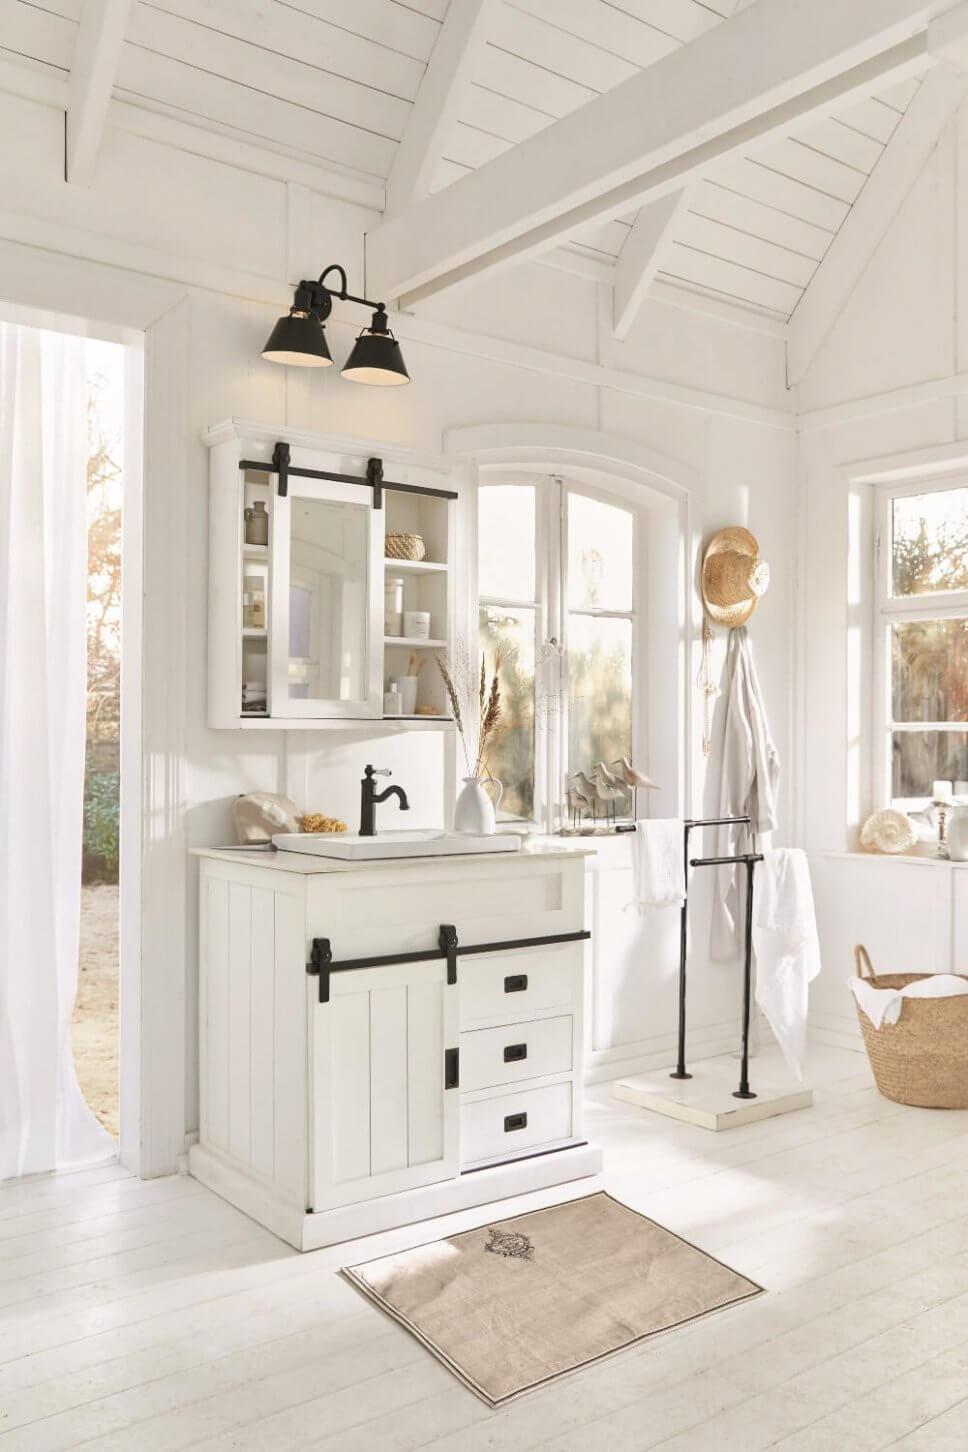 Weiß getäfelte Landhaus-Badezimmer mit Keramikbecken